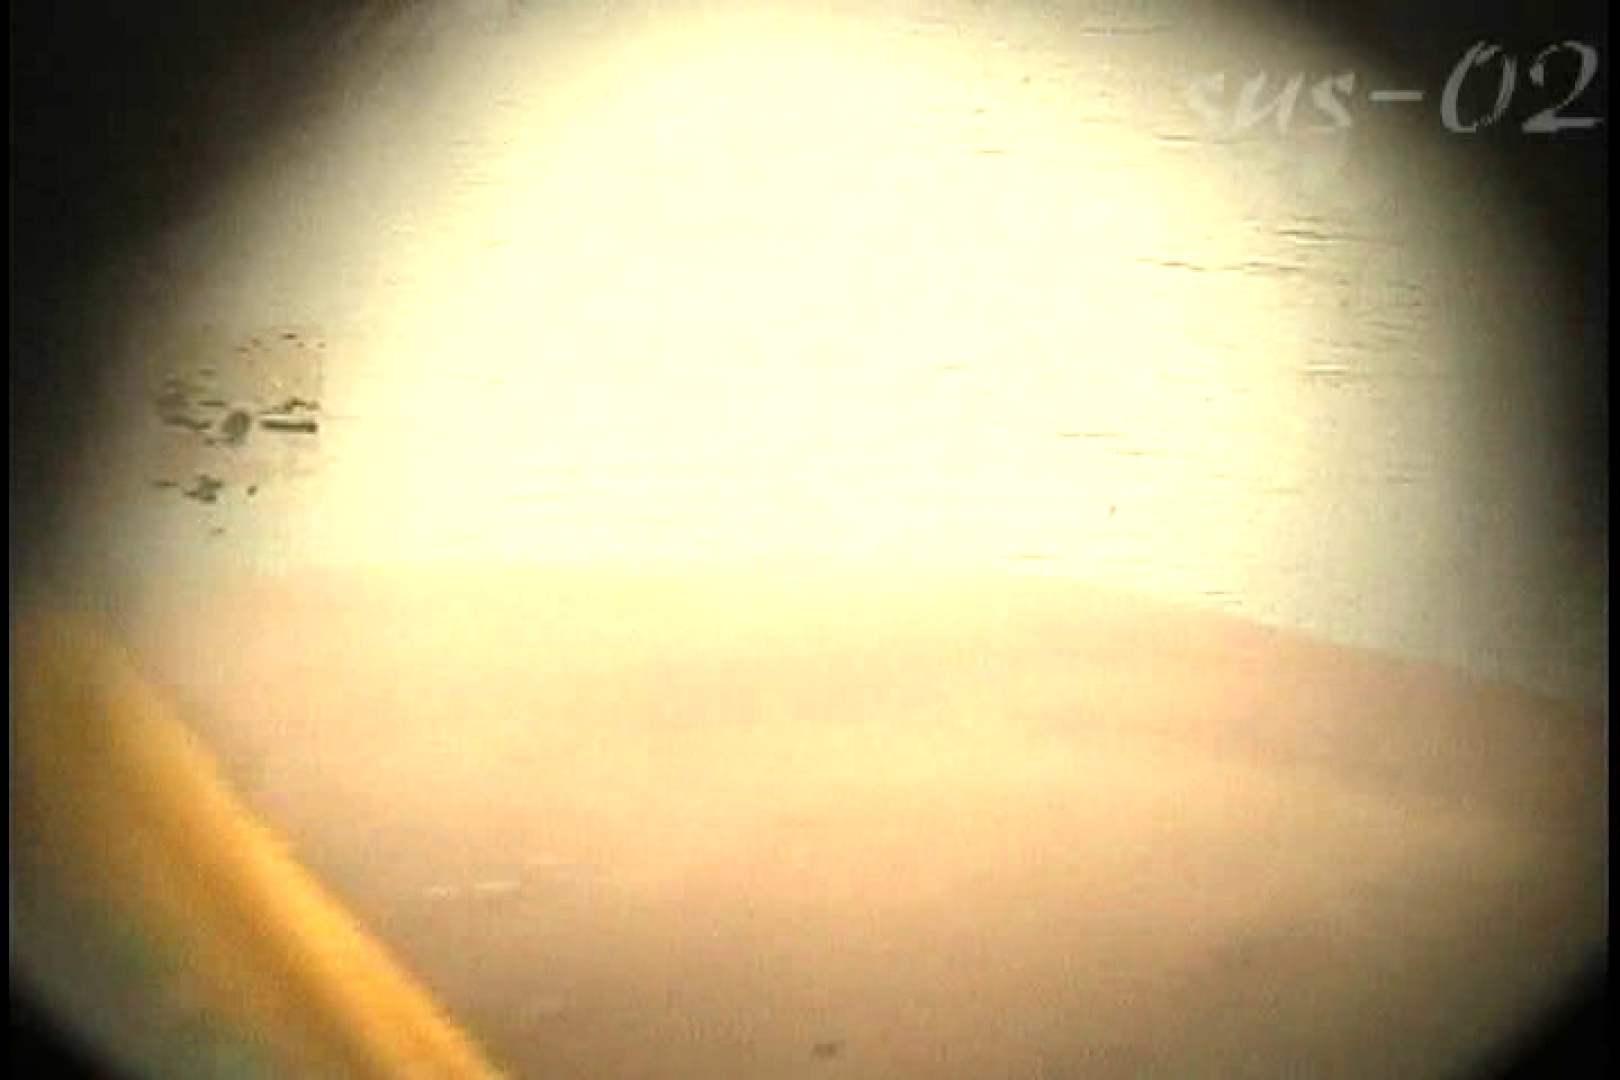 サターンさんのウル技炸裂!!夏乙女★海の家シャワー室絵巻 Vol.02 シャワー エロ無料画像 95枚 26